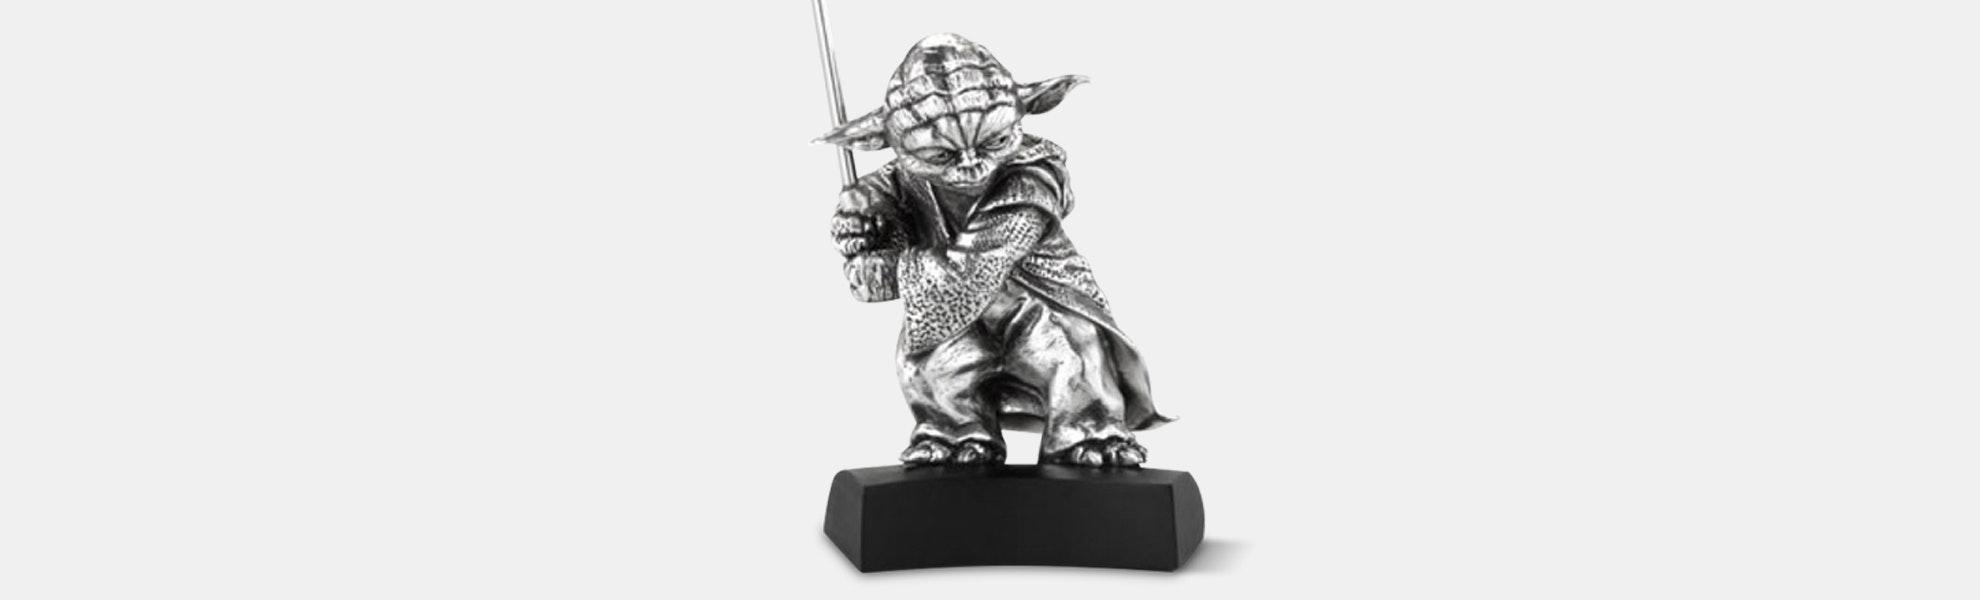 Royal Selangor Yoda Pewter Statue